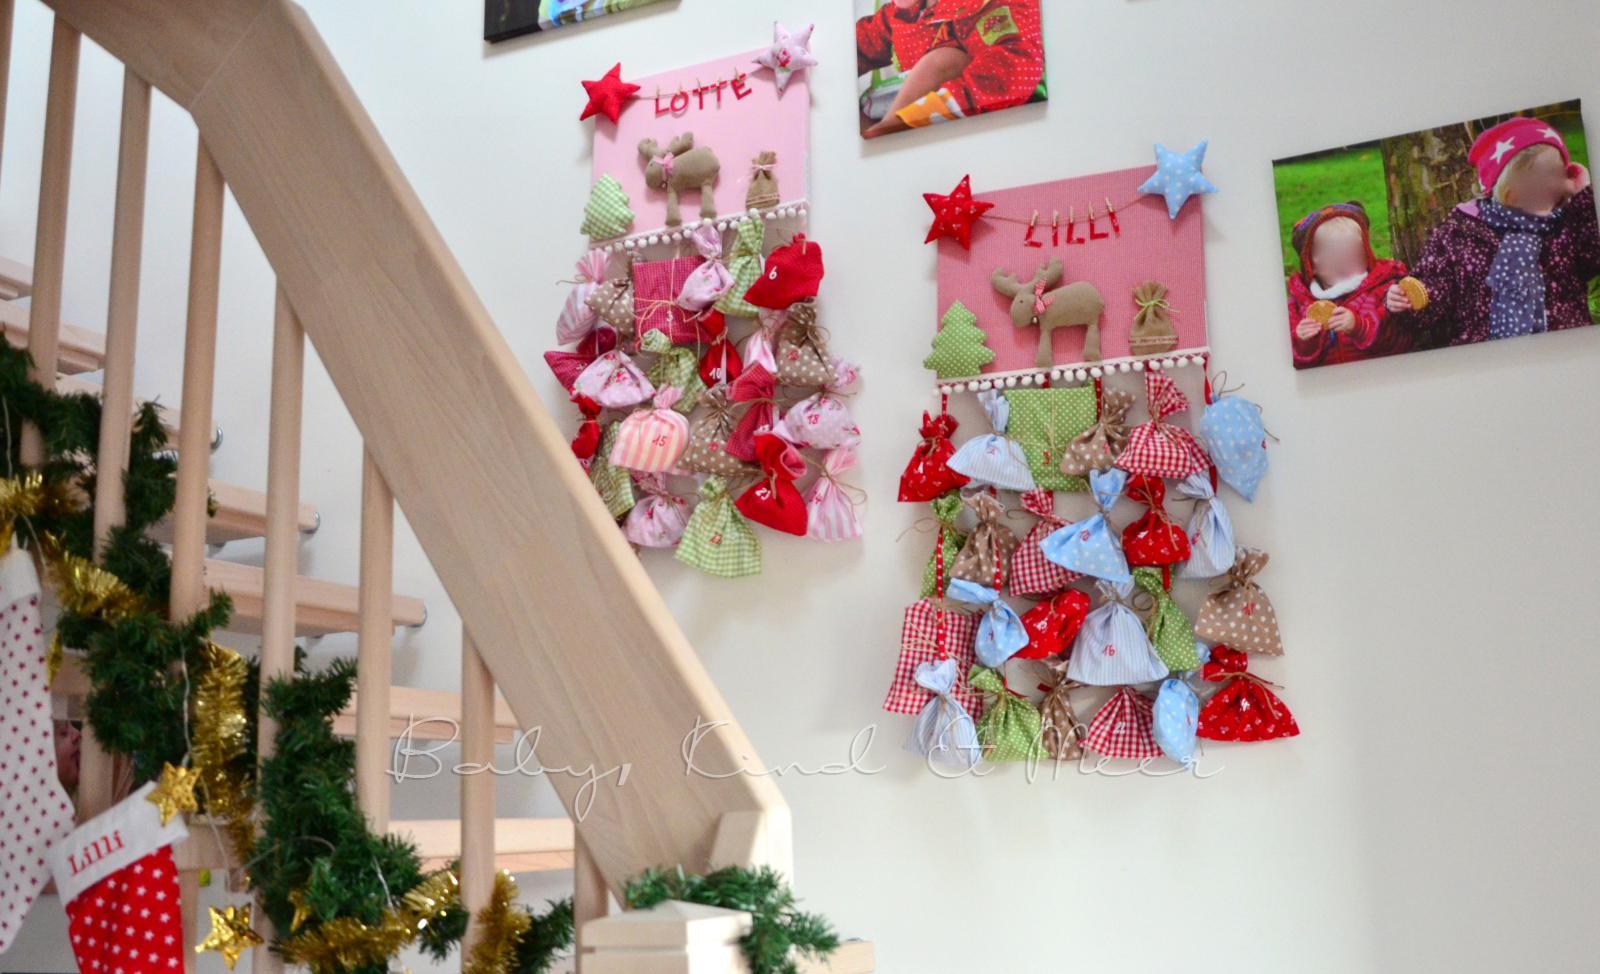 Weihnachtskalender Für Kinder Basteln.Diy Adventskalender Die 10 Schönsten Ideen Diy Inspirationen